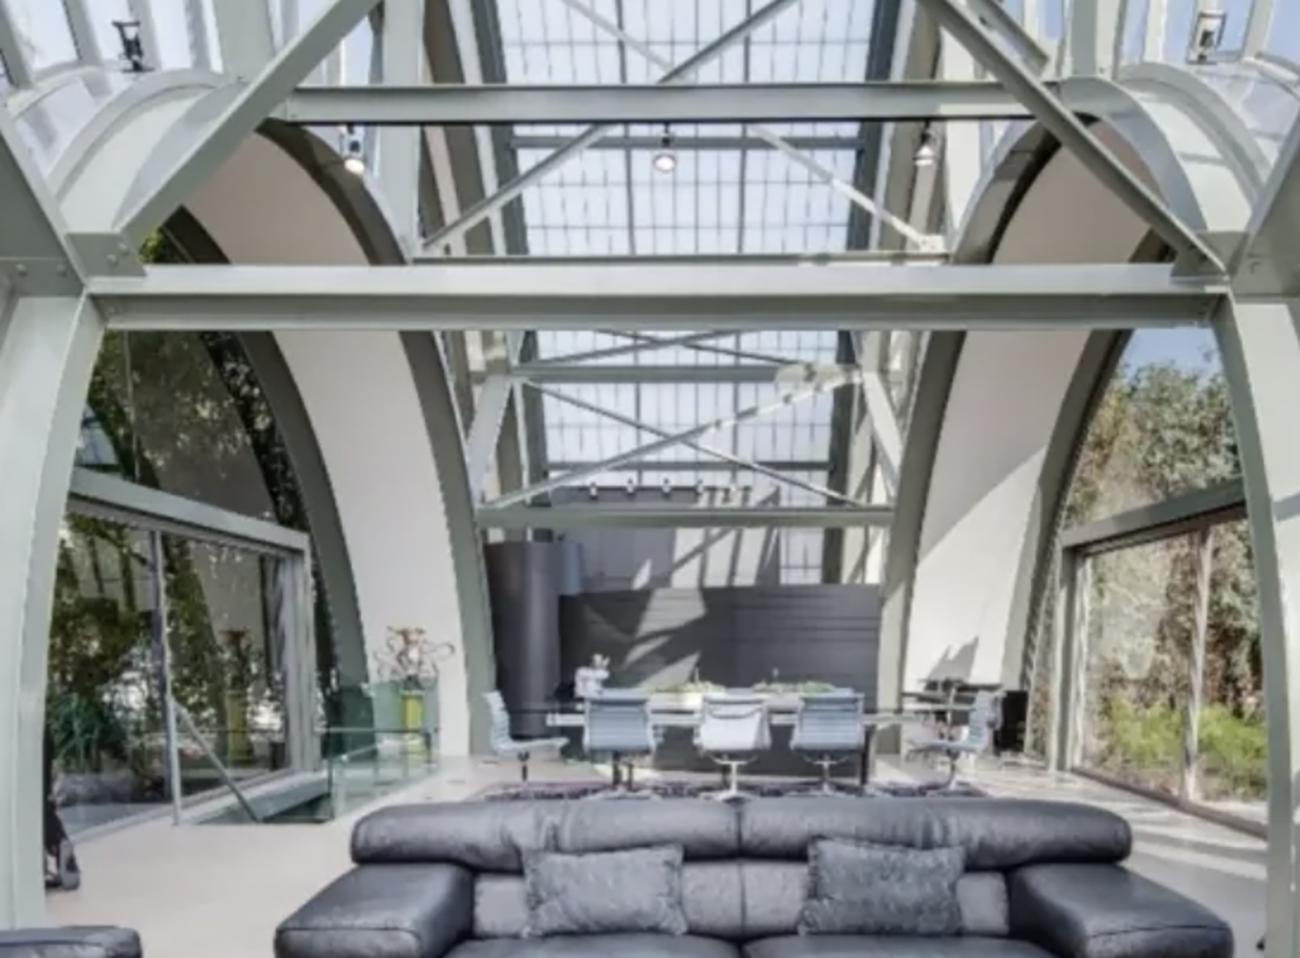 """Ένα γυάλινο σπίτι που μοιάζει σαν να """"βγήκε"""" από ταινία επιστημονικής φαντασίας"""